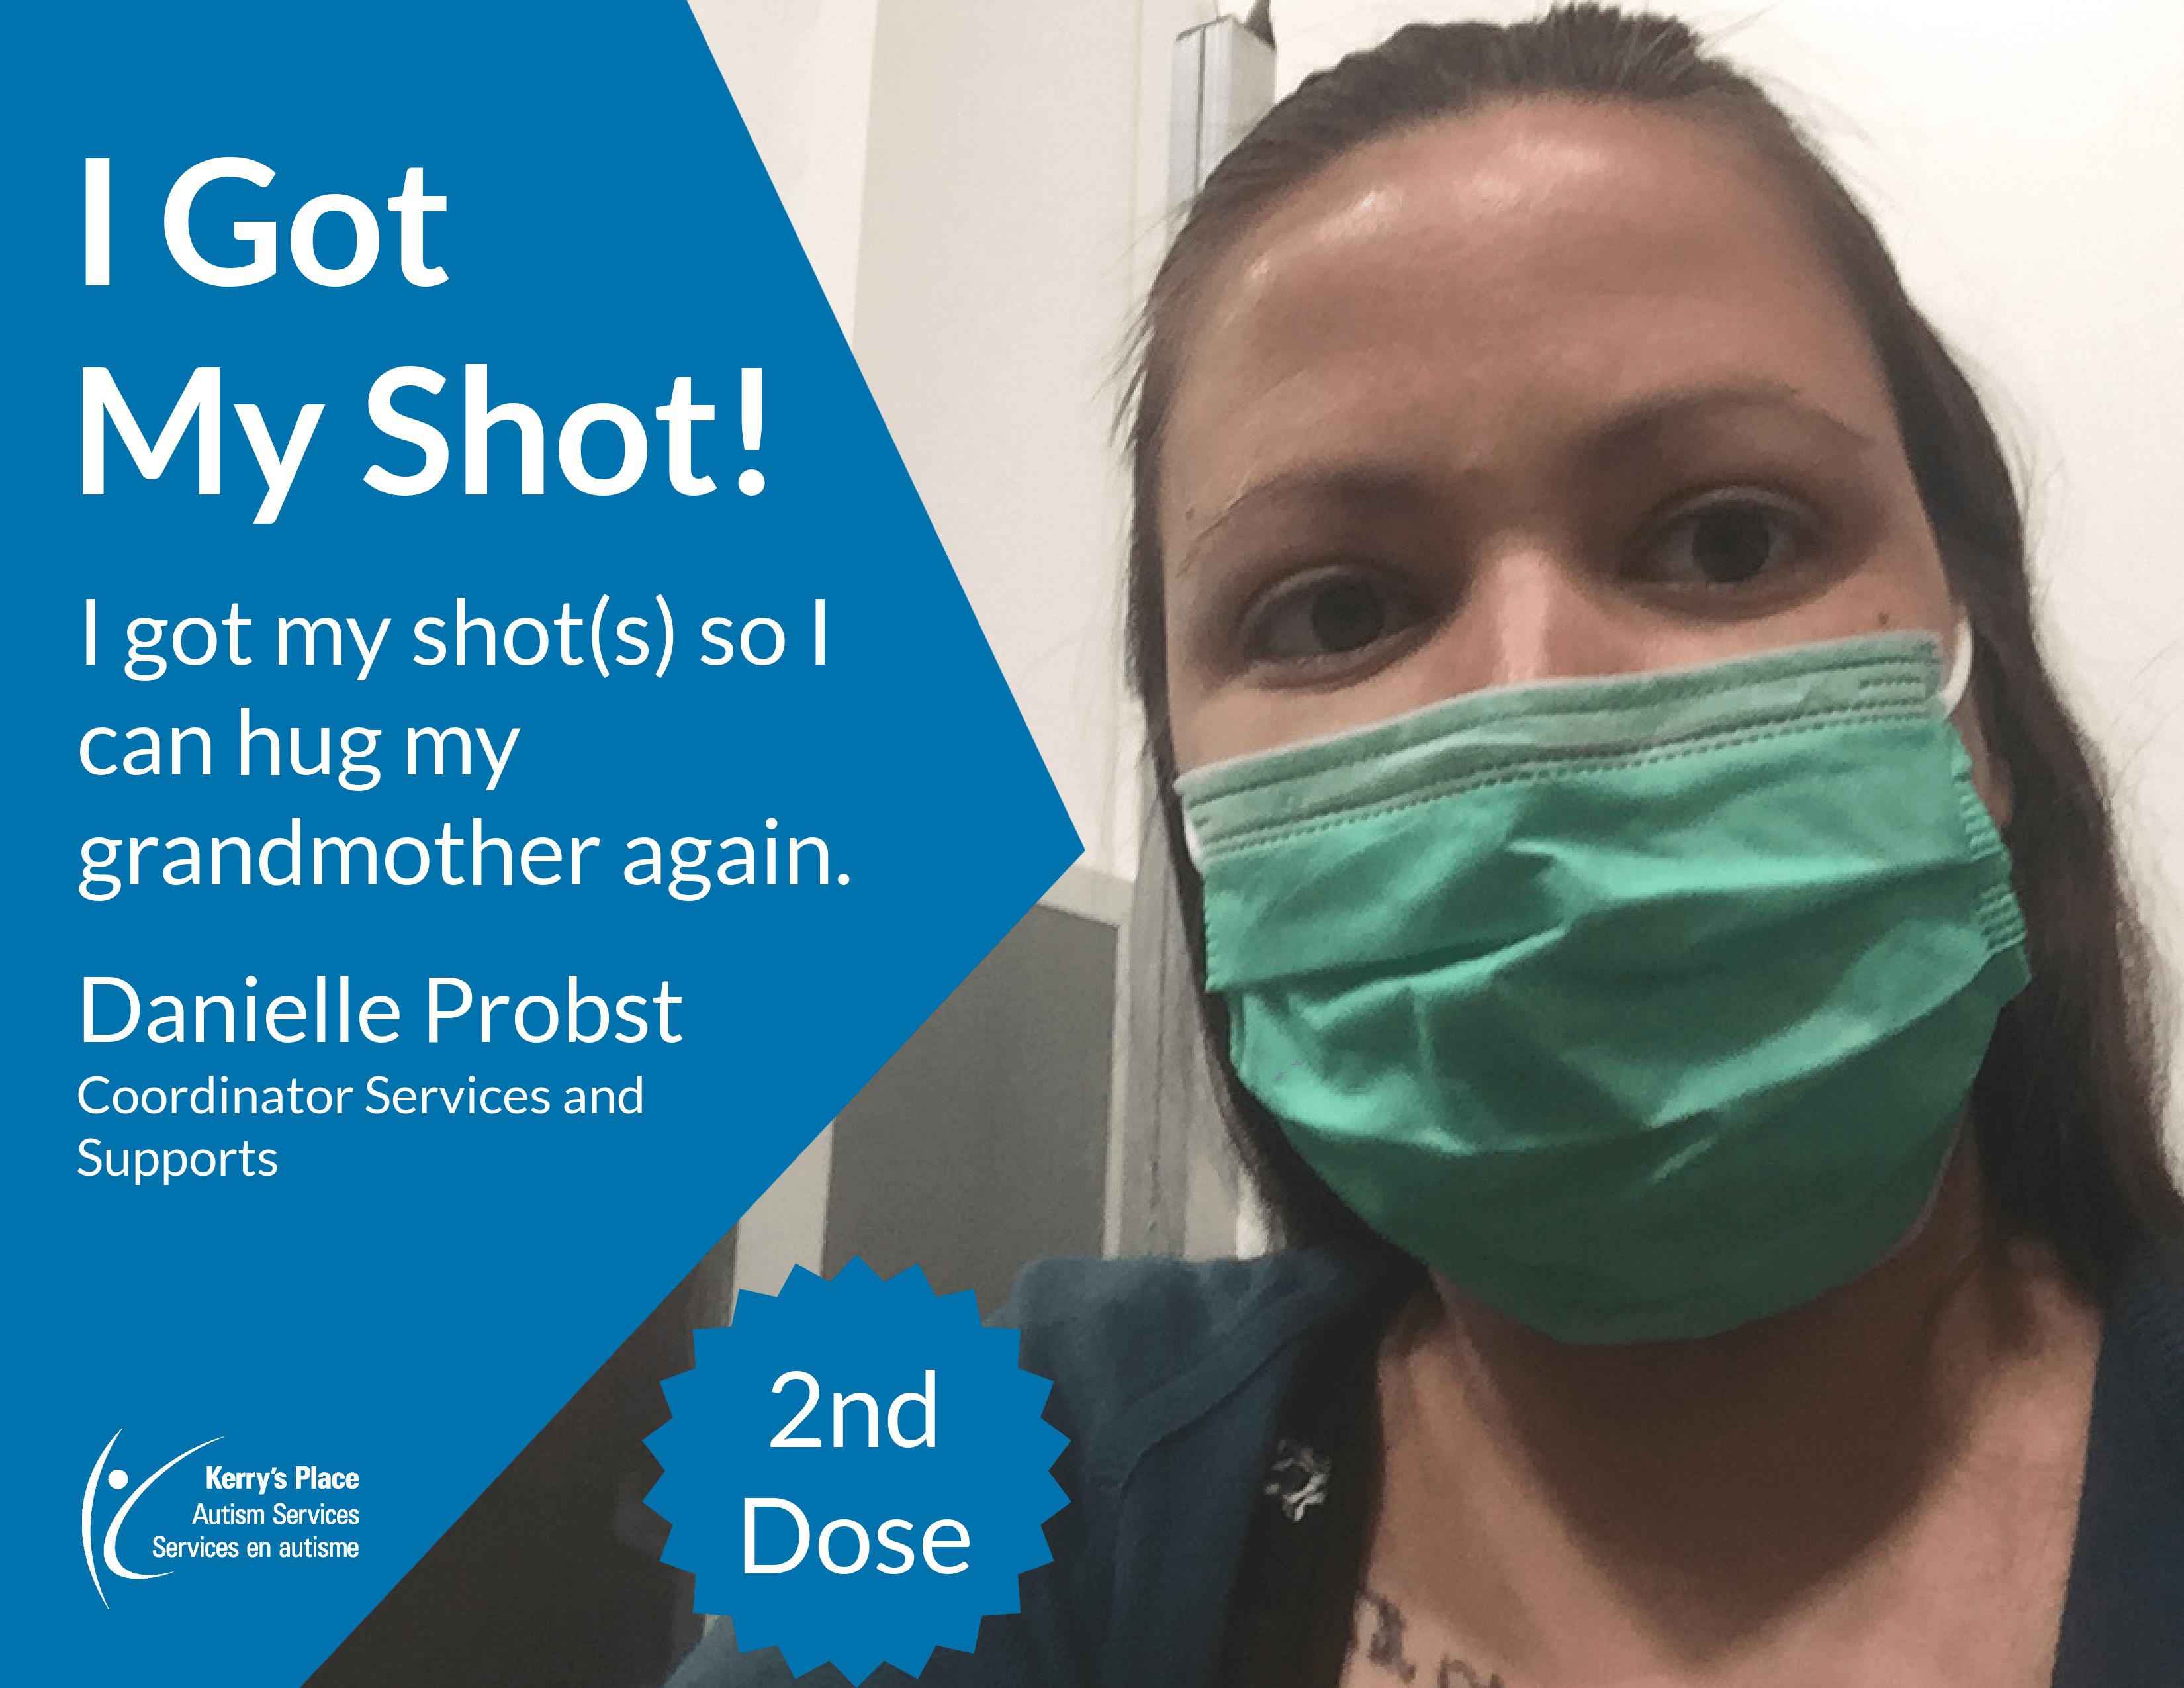 021_i-got-my-shot_danielle-probst